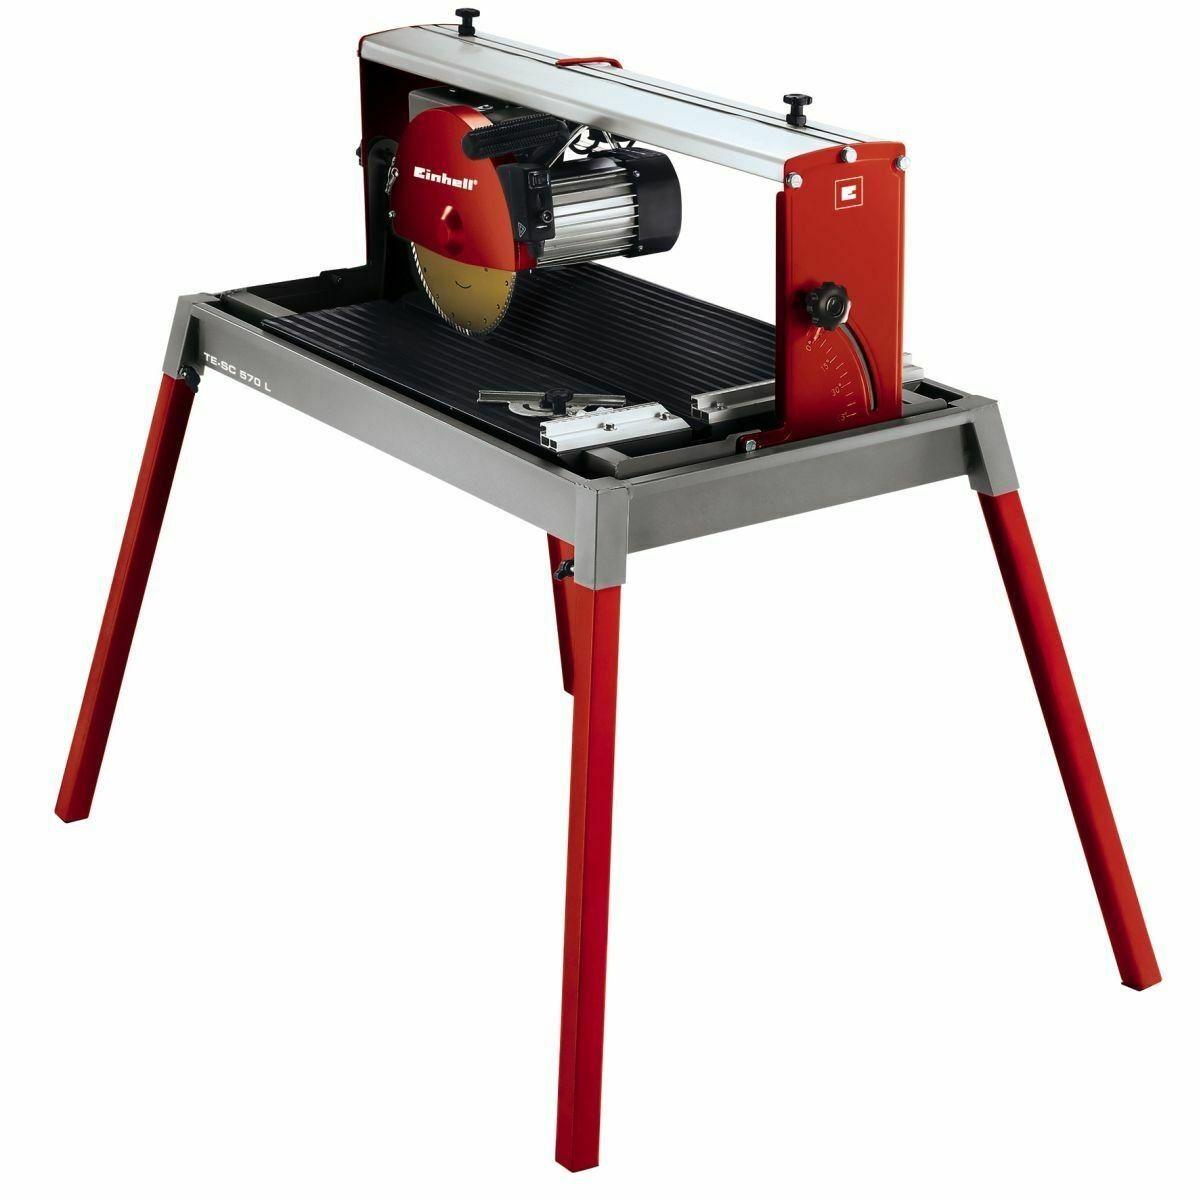 Tagliapiastrelle TE-SC 570 L con laser EINHELL 4301444